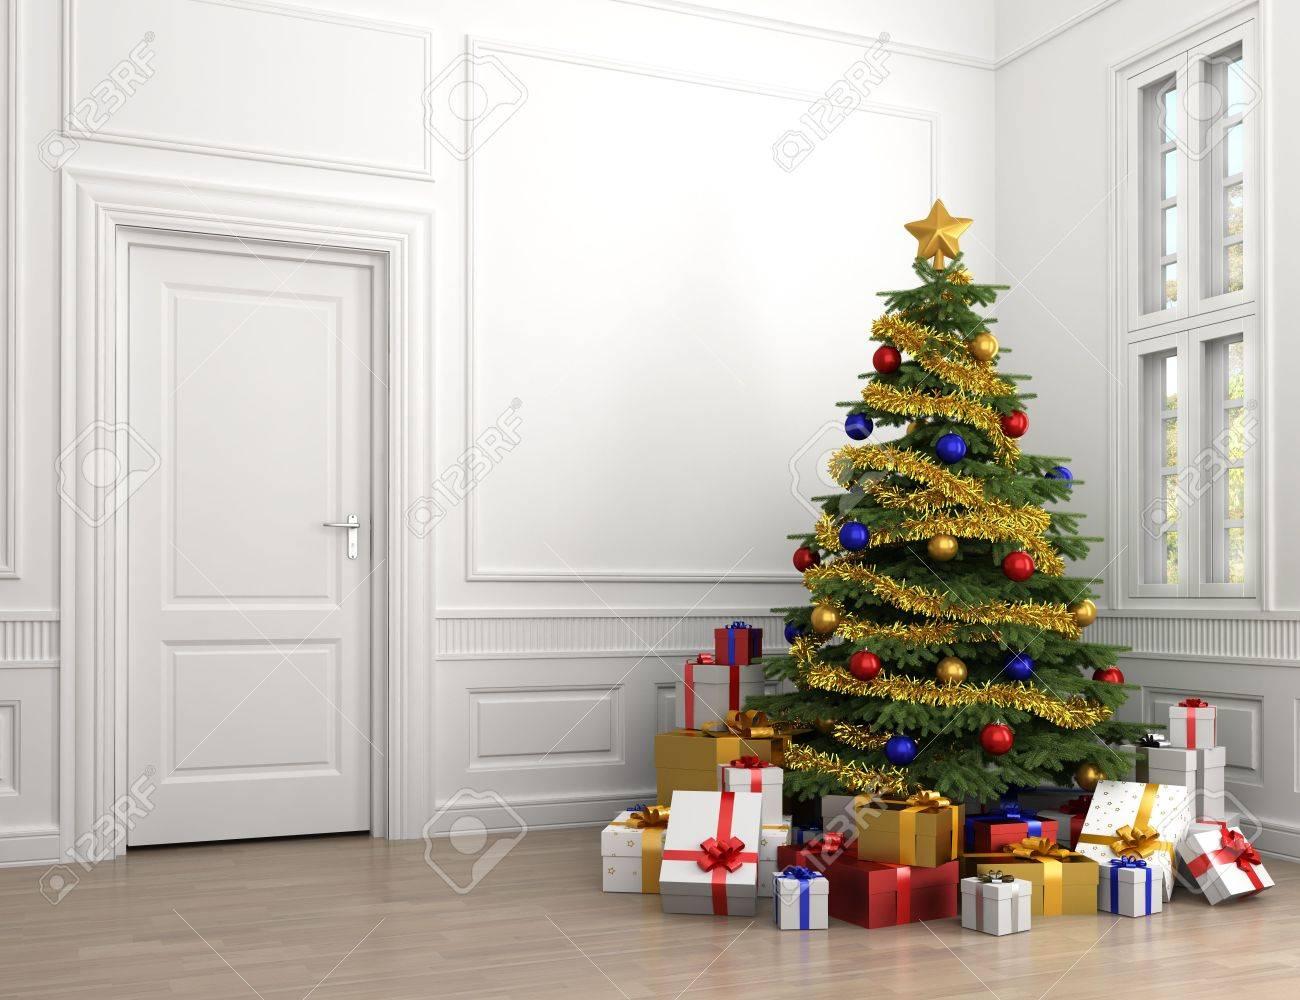 Weihnachtsbaum Mit Vielen Präsentiert In Einem Leeren Weißen ...